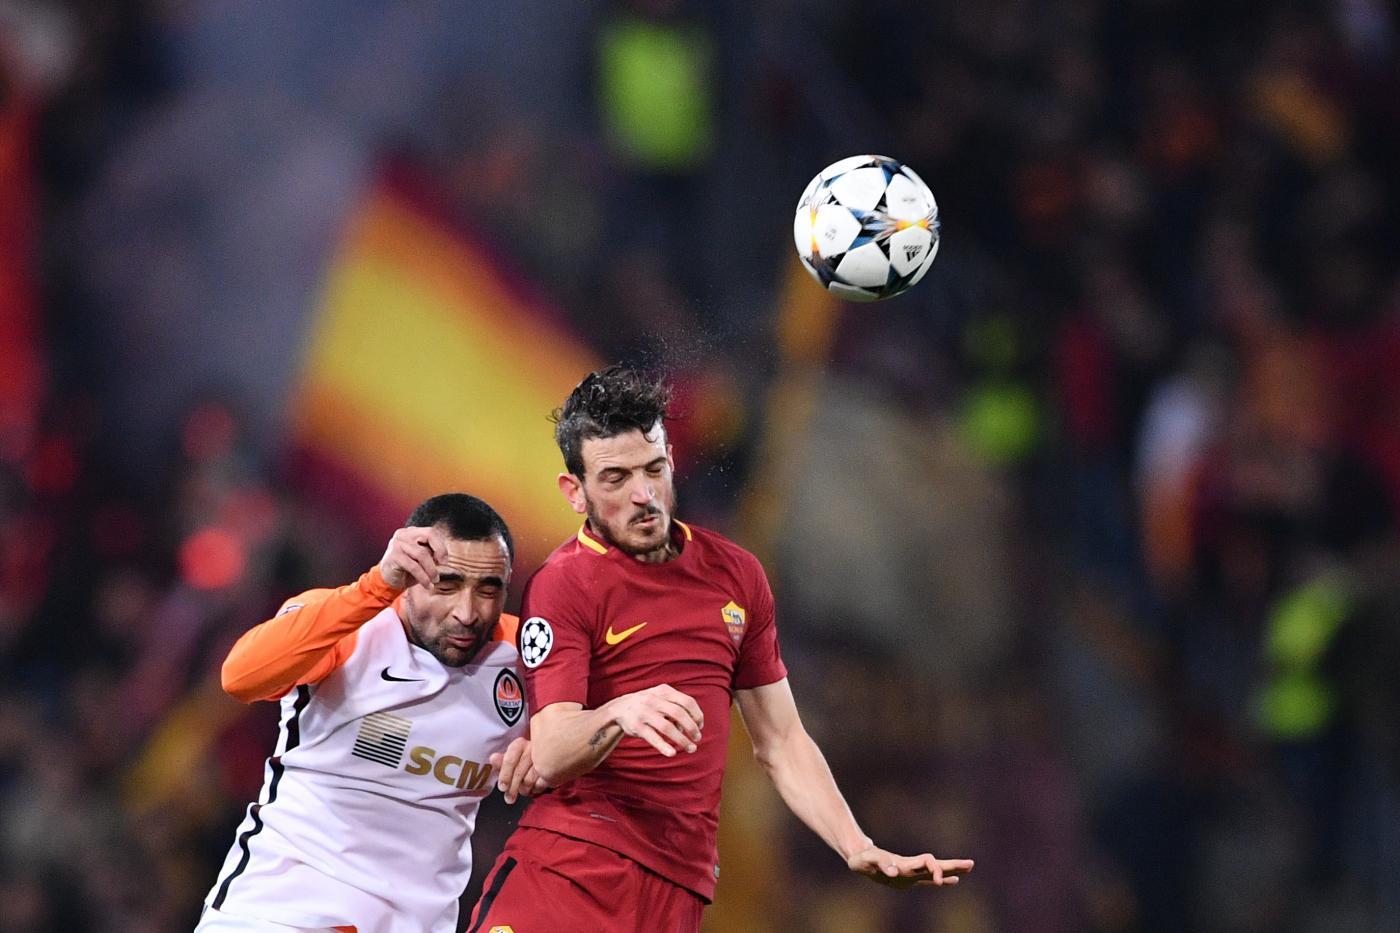 Sorteggio quarti Champions League: le possibili avversarie di Juventus e Roma